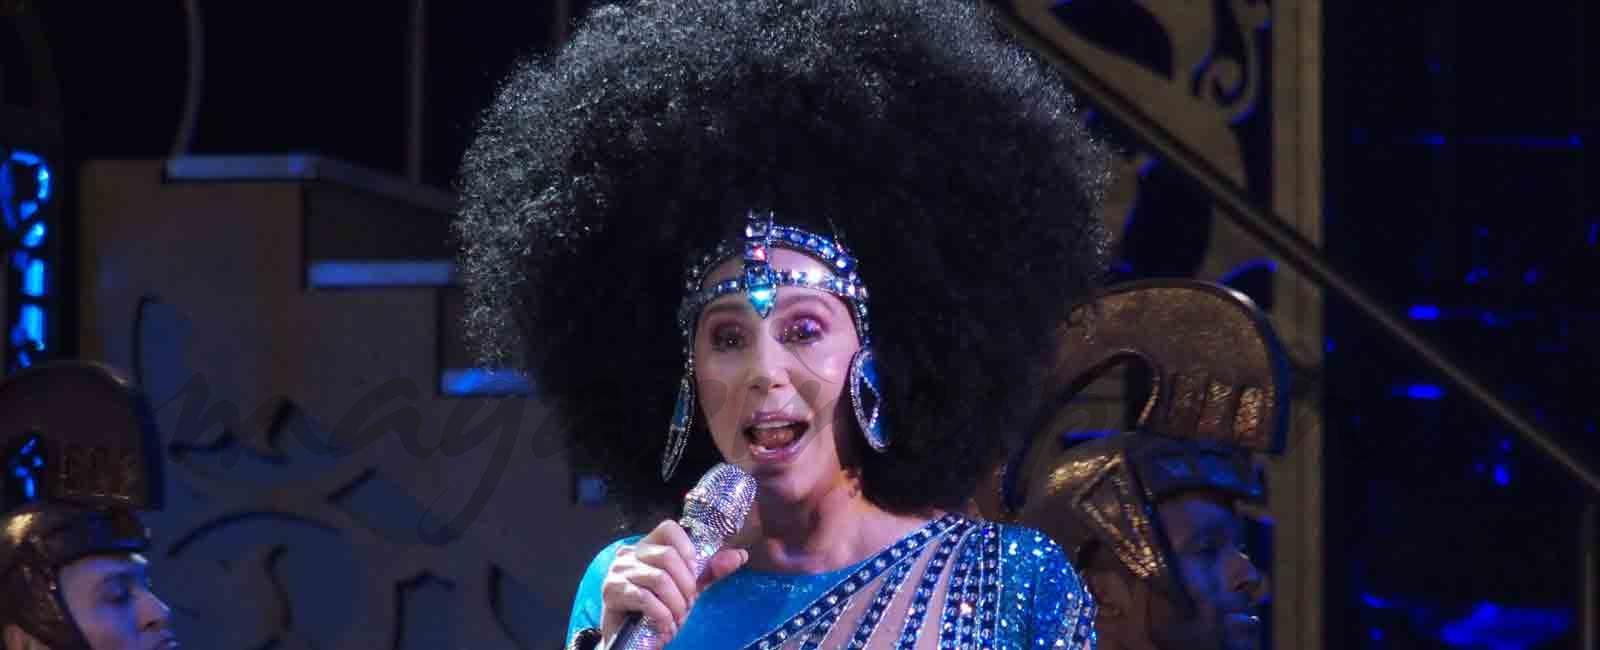 Cher, espectacular sobre el escenario en Las Vegas